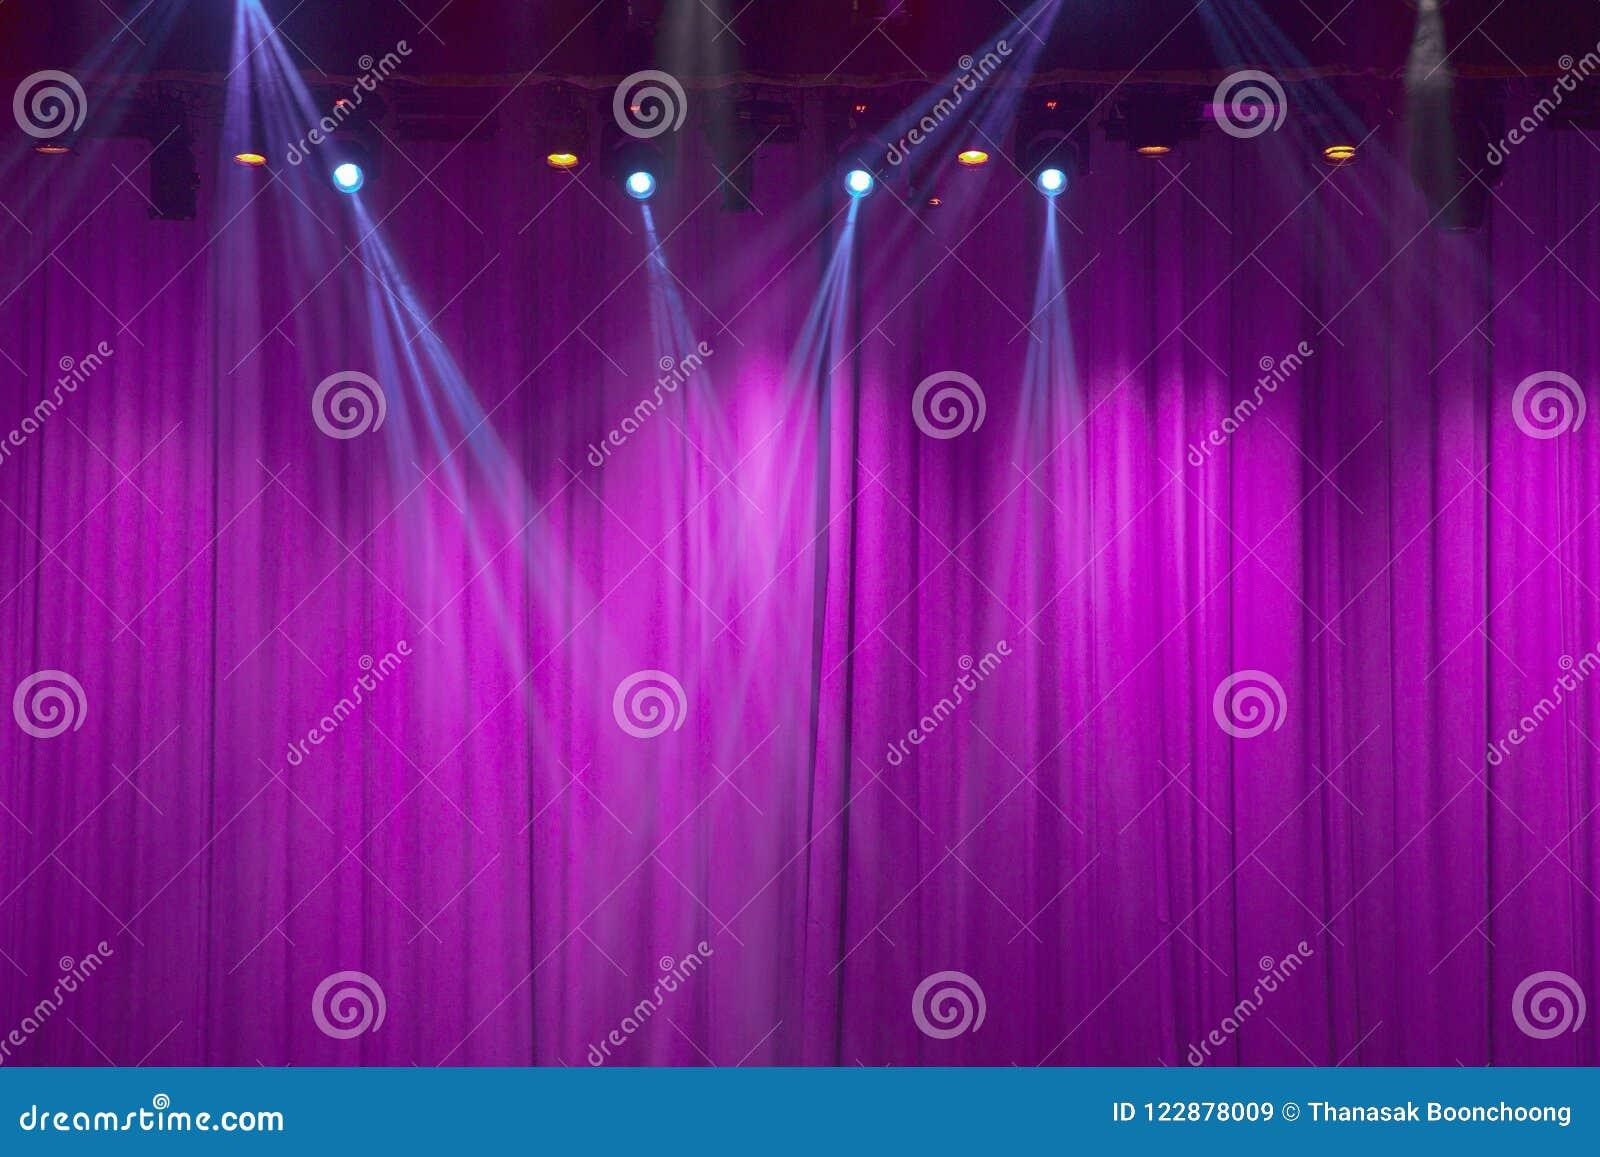 Theaterstadium mit purpurroten Vorhängen